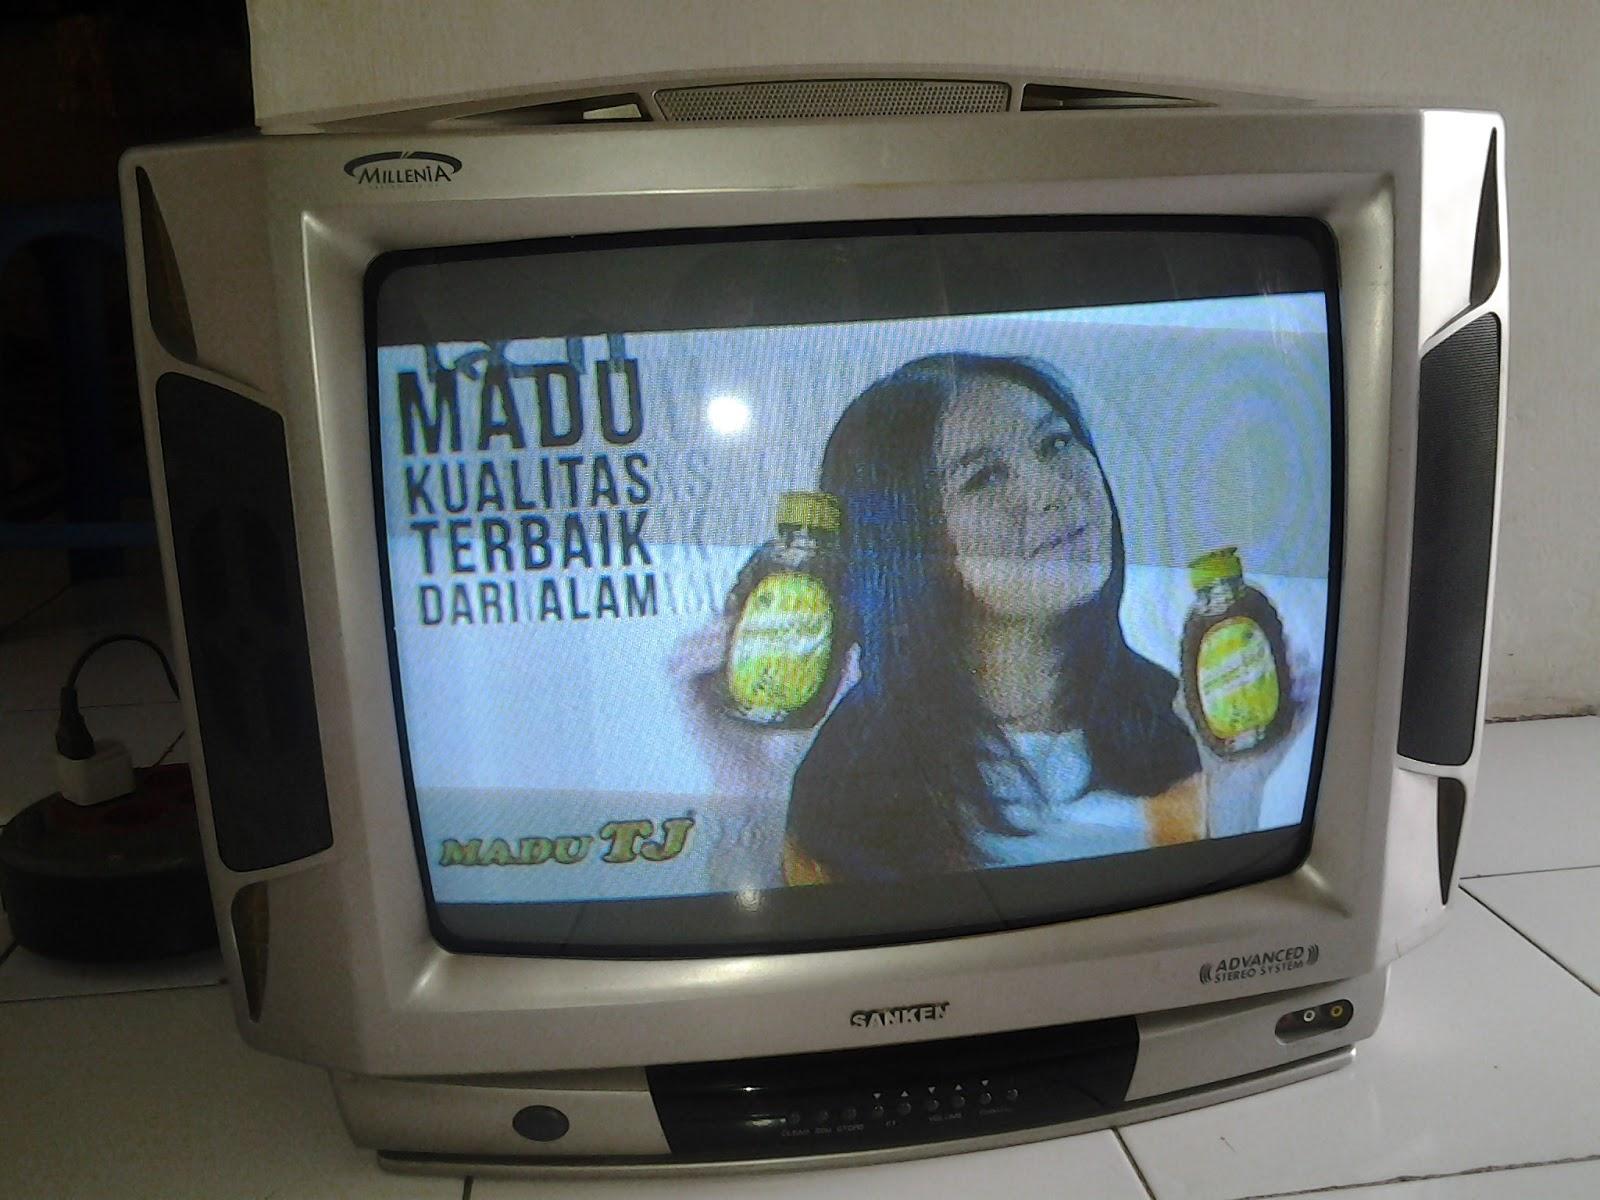 Toko Barang Bekas Ku Televisi